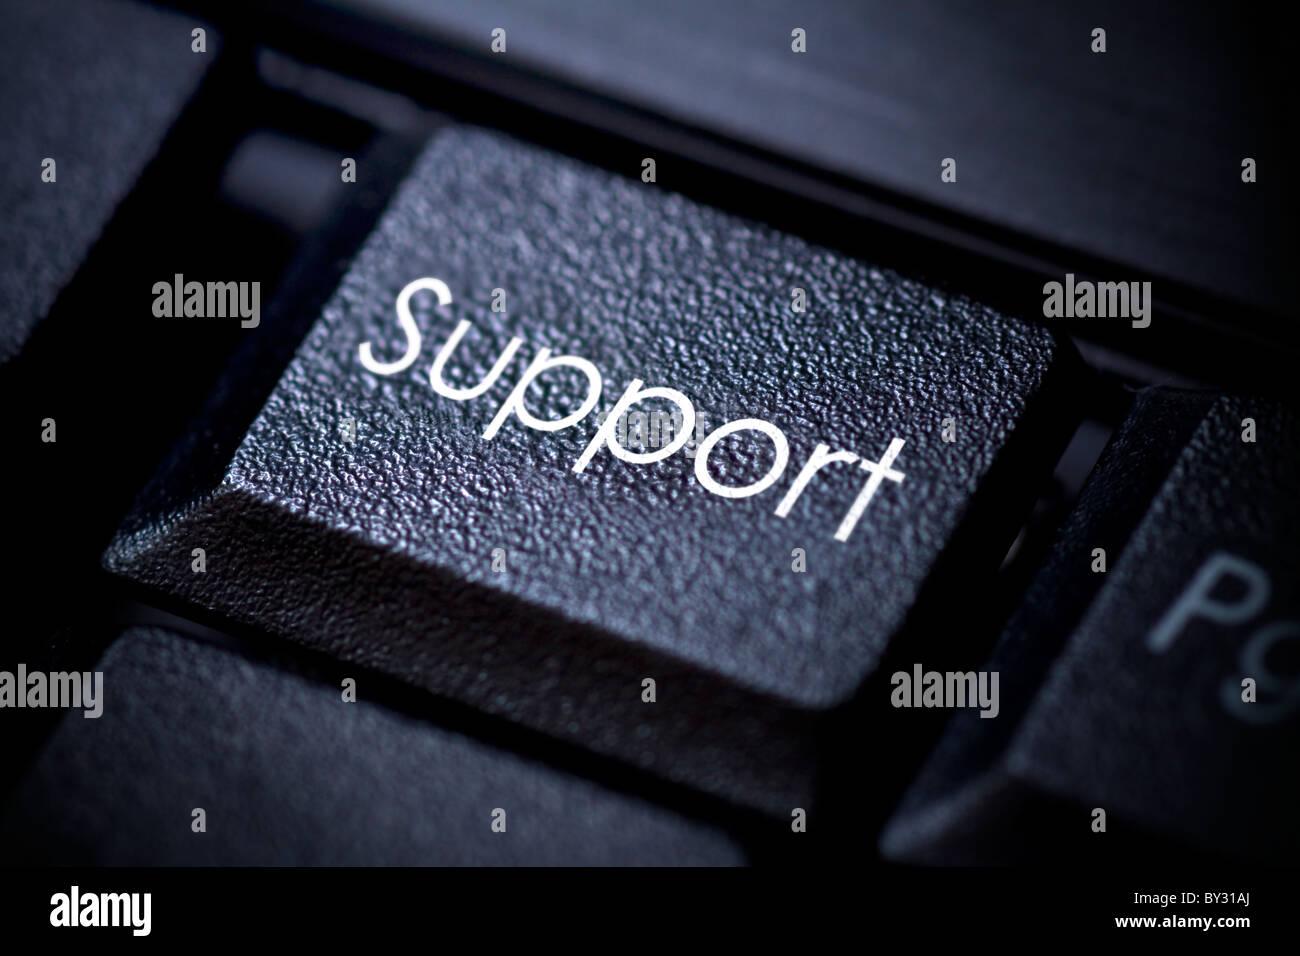 Clavier de l'ordinateur Image conceptuelle. Bouton de support. Photo Stock